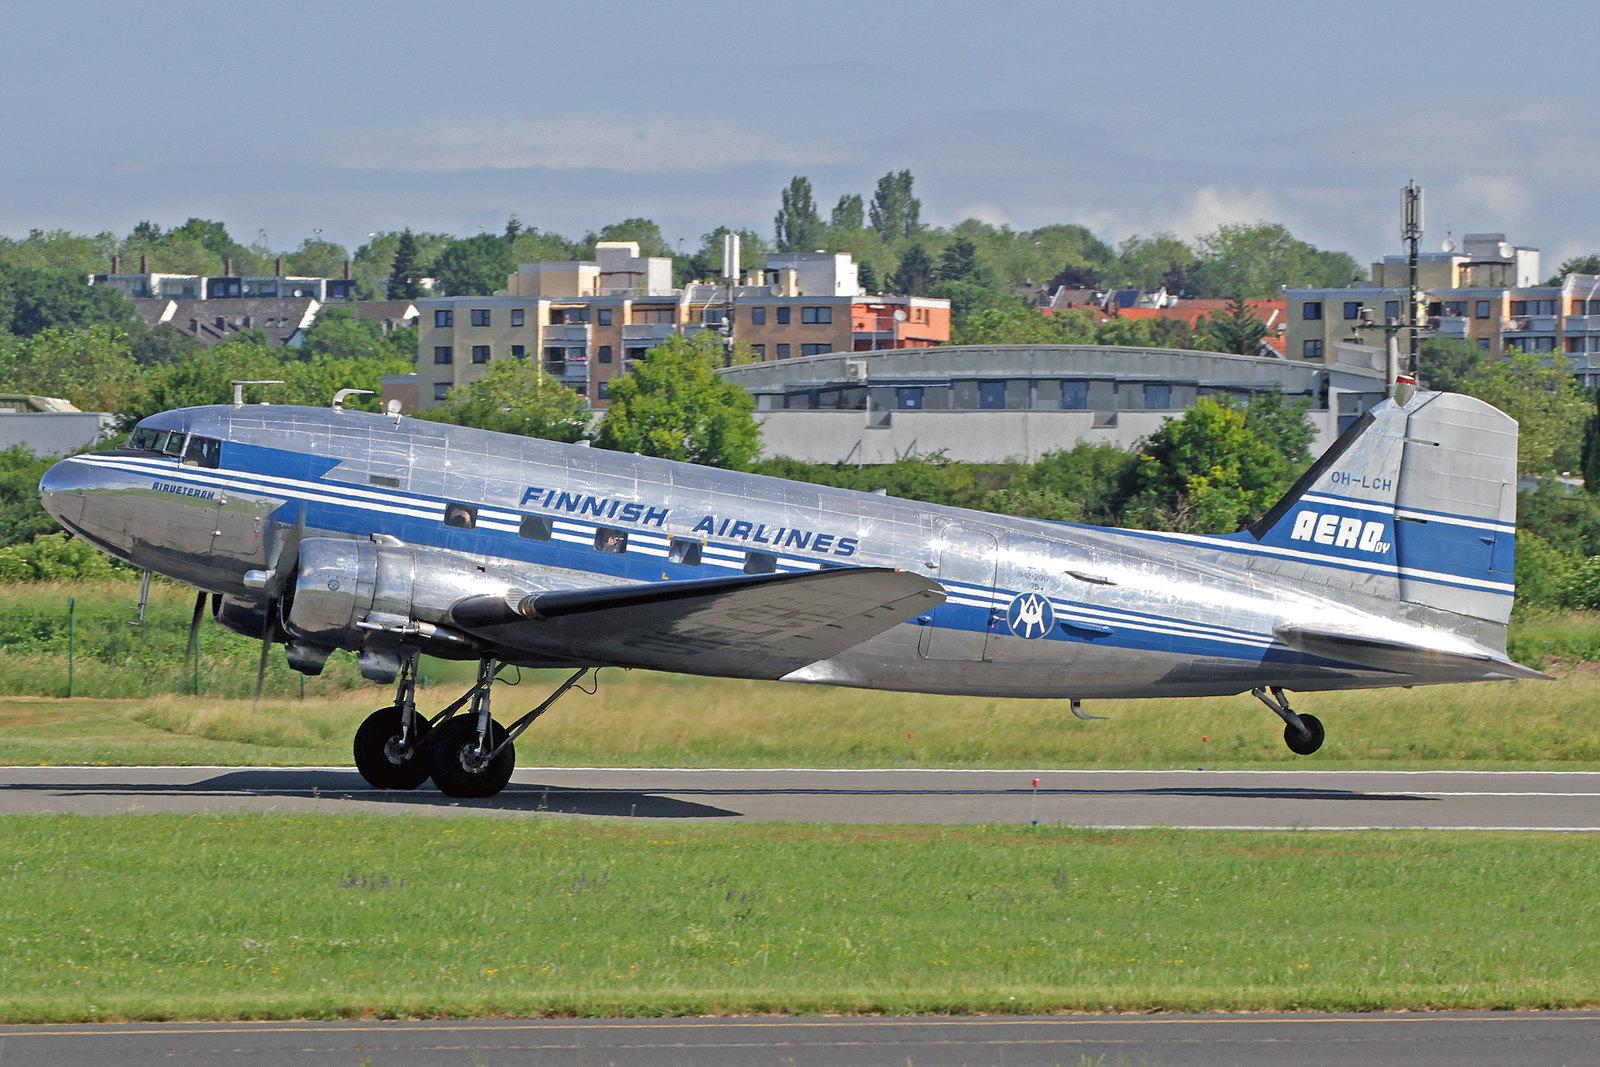 """OH-LCH - Auch die Douglas DC-3A der finnischen """"DC-Yhdistys"""" kam nach Wiesbaden. Sie wurde 1942 als eine DC-3A-453 (c/n 6346) in Santa Monica gebaut und 1943 mit der Kennung 43-2033 an die USAAF ausgeliefert. Dort flog sie unter der Bezeichnung C-53C."""